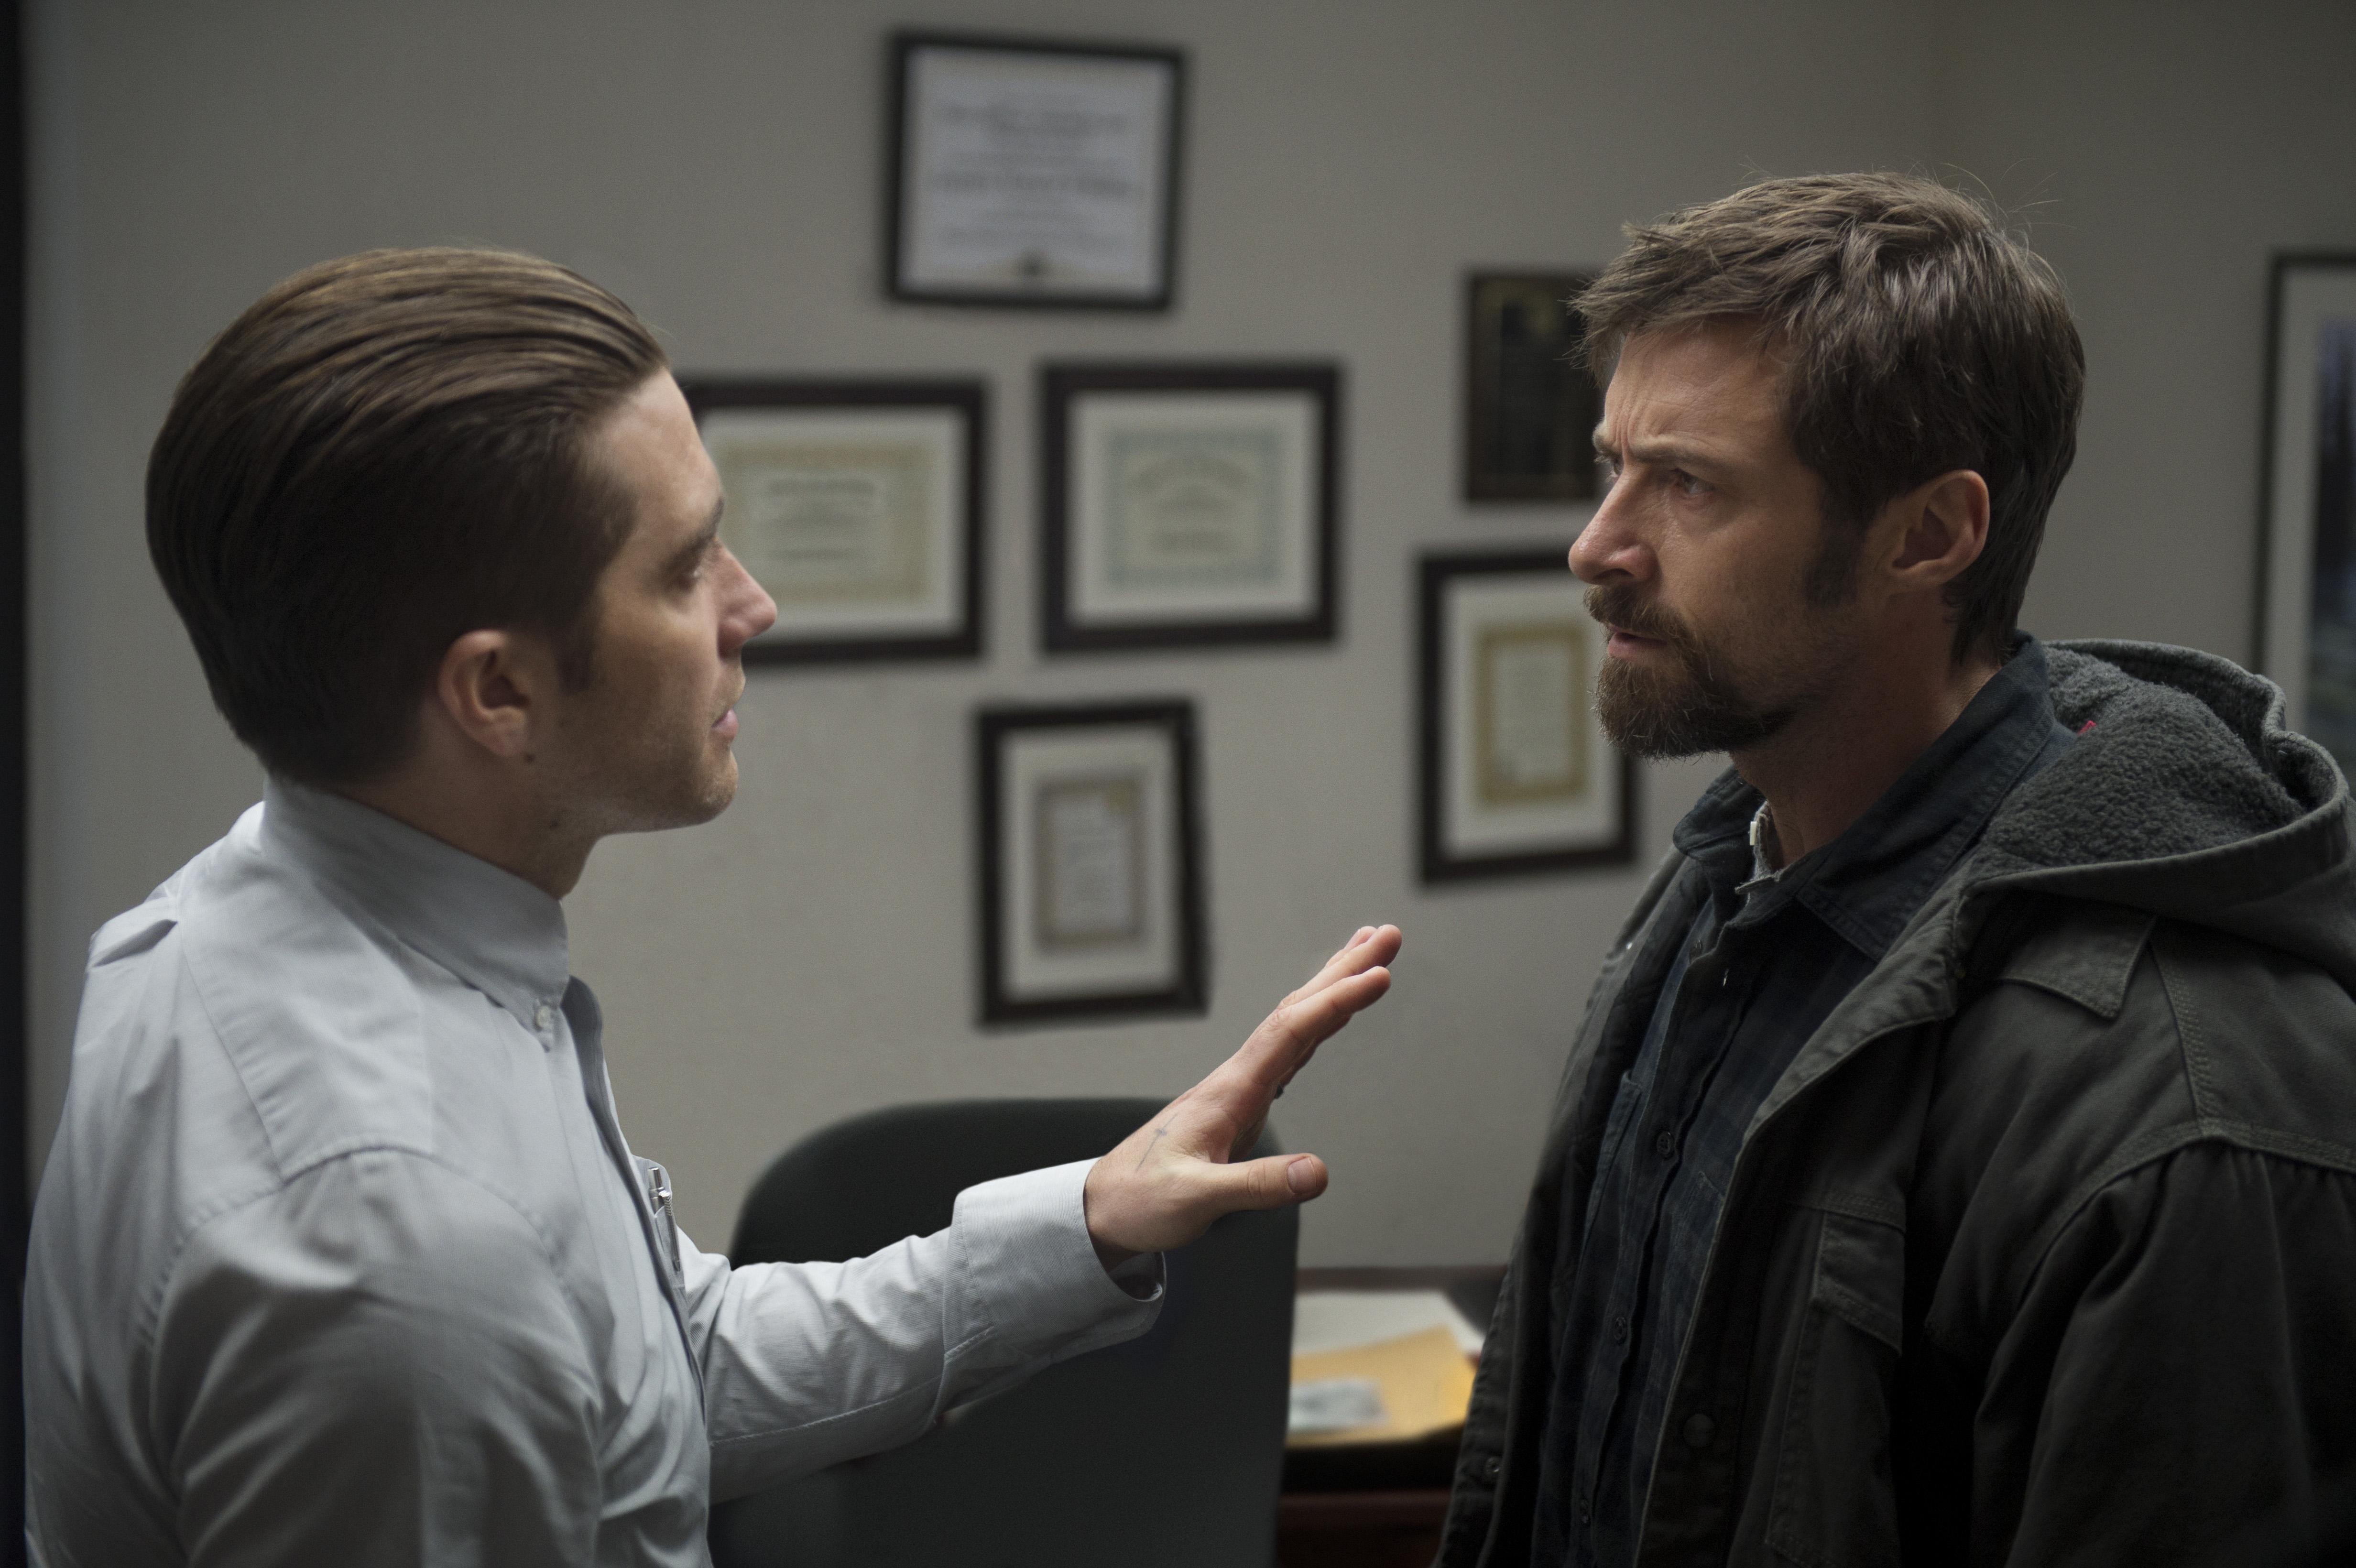 Jake Gyllenhaal Prisoners PRISONERS Movie Review...